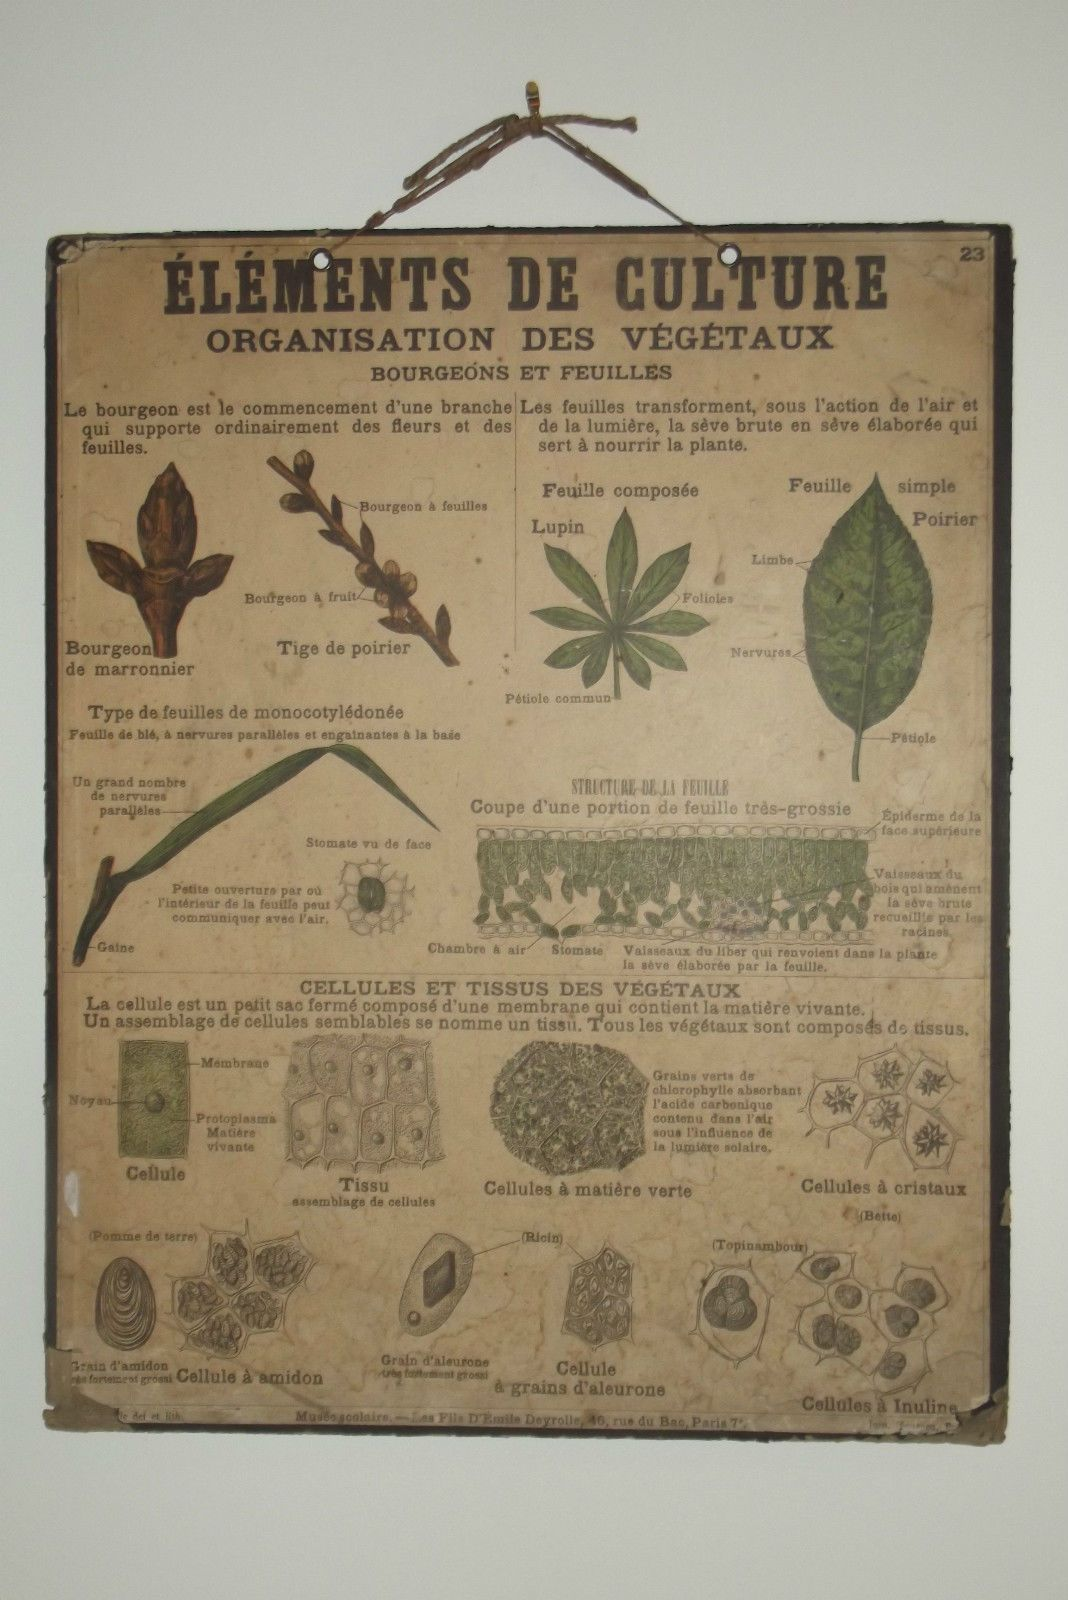 Ancienne affiche scolaire deyrolle planche ecole n 23 sciences naturelles - Carte murale scolaire ancienne ...